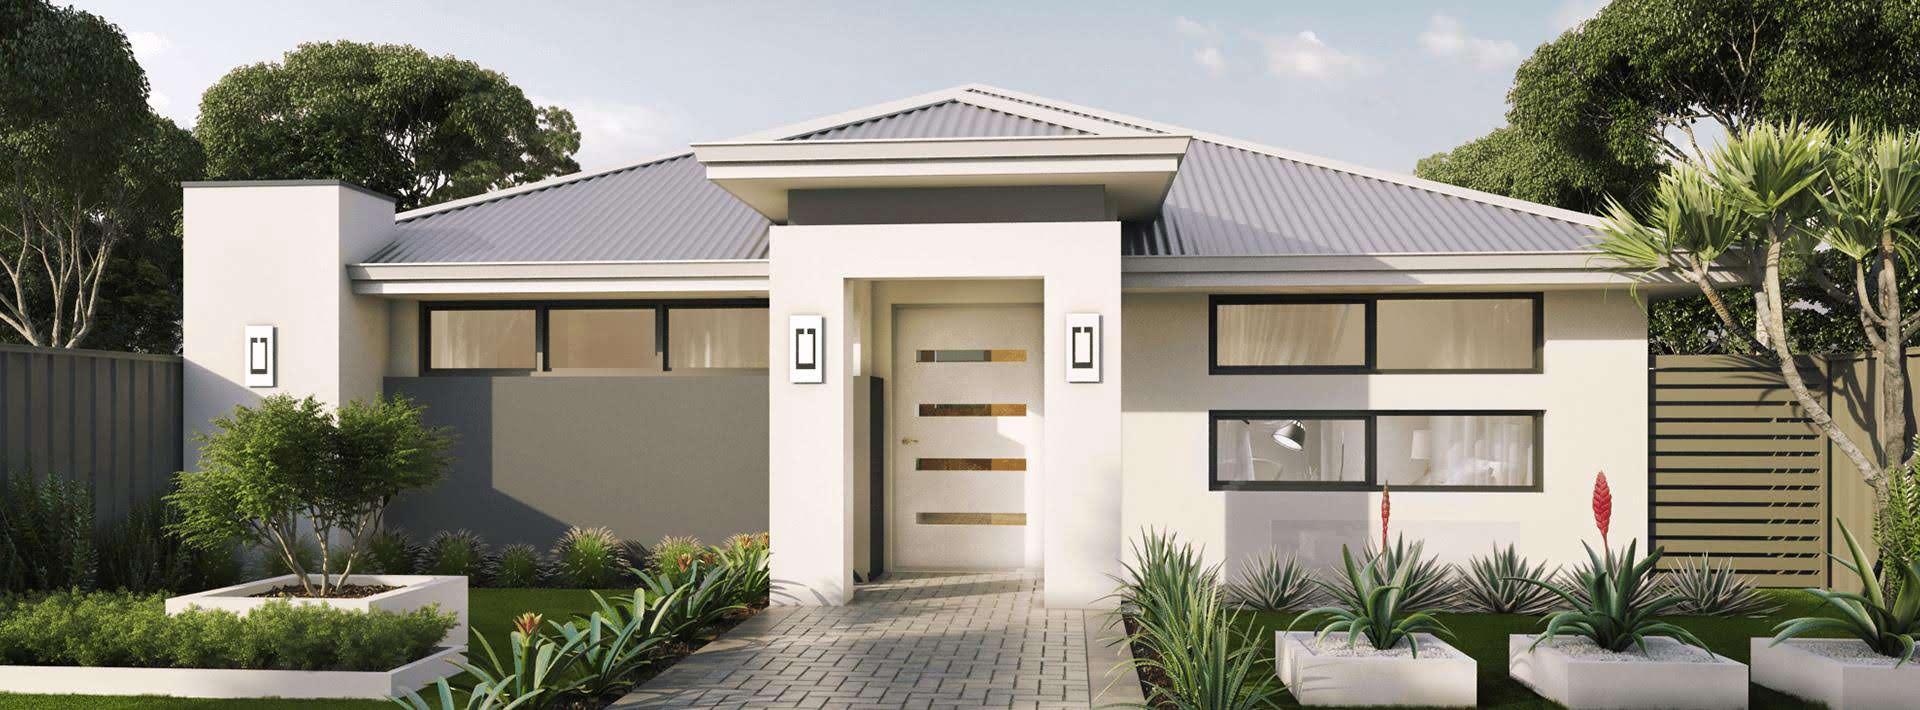 Bristol : 3 Bed, 2 Bath, 11m Home Design - $60k - First Home ...